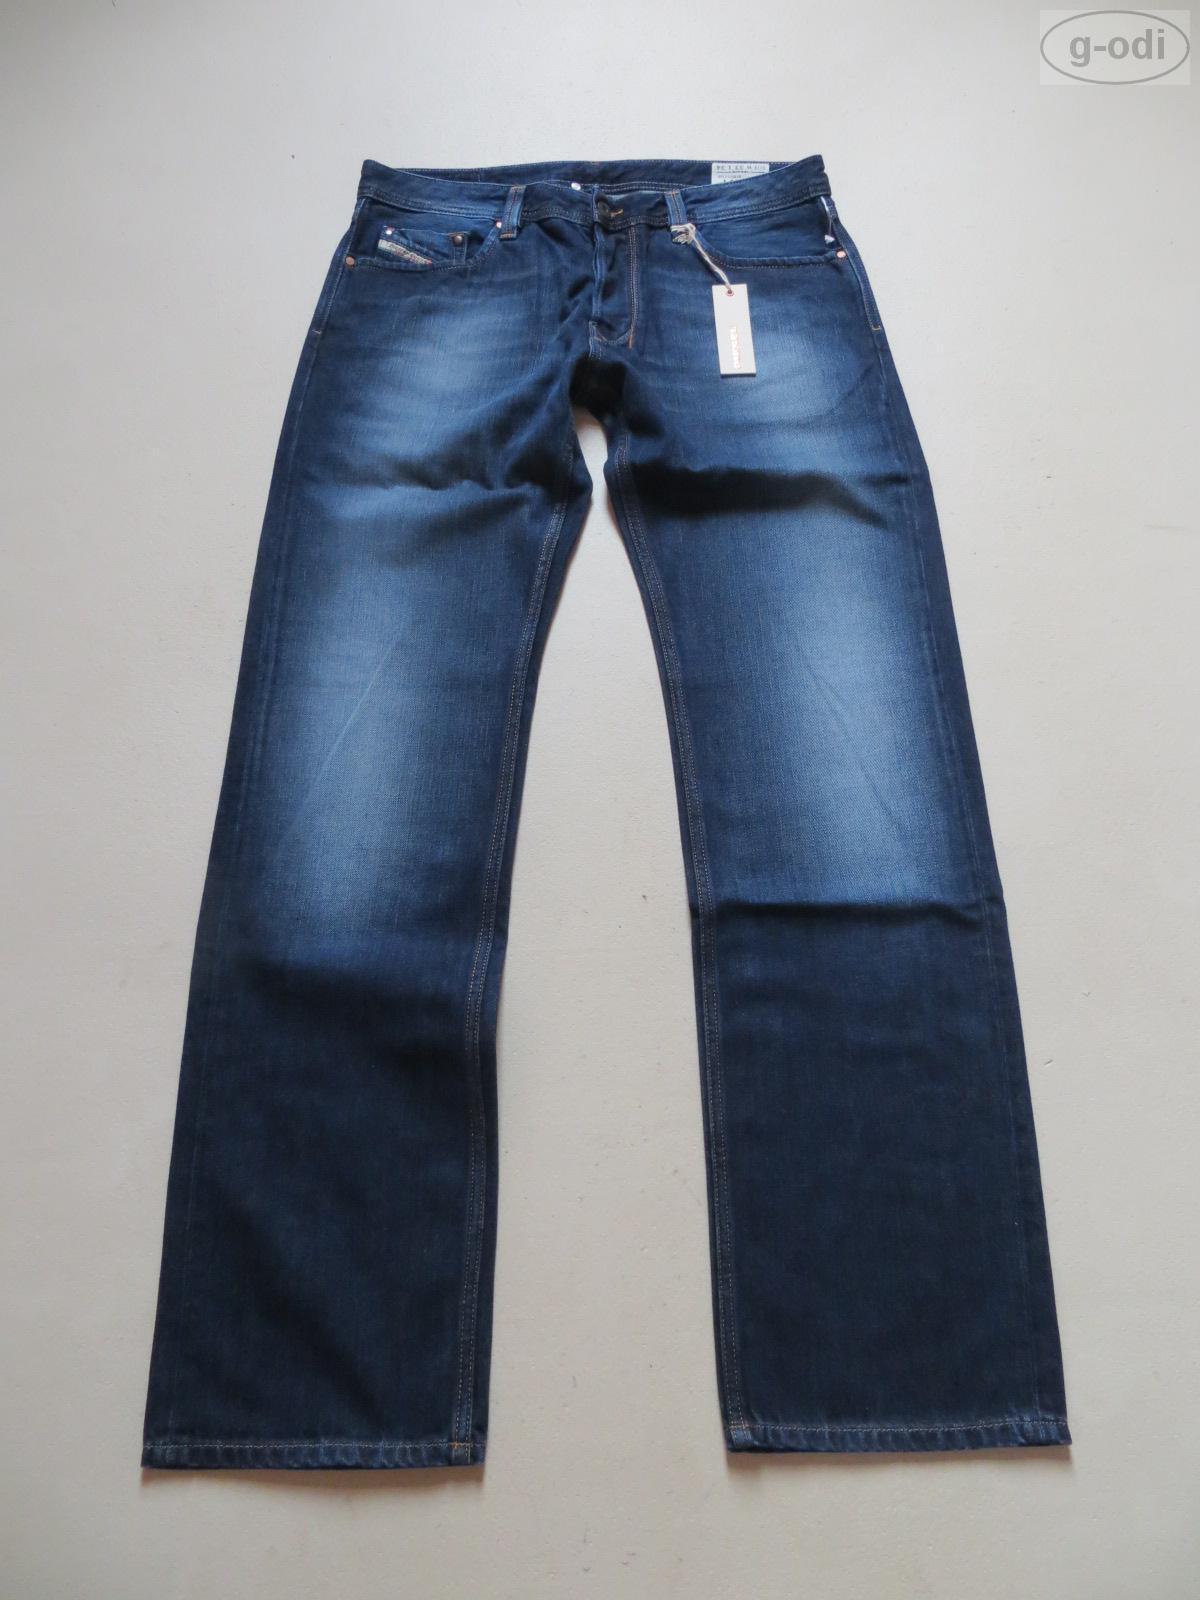 Diesel LARKEE wash 008J4 Jeans Hose W 30 L 34 NEU   Regular Fit Straight Denim